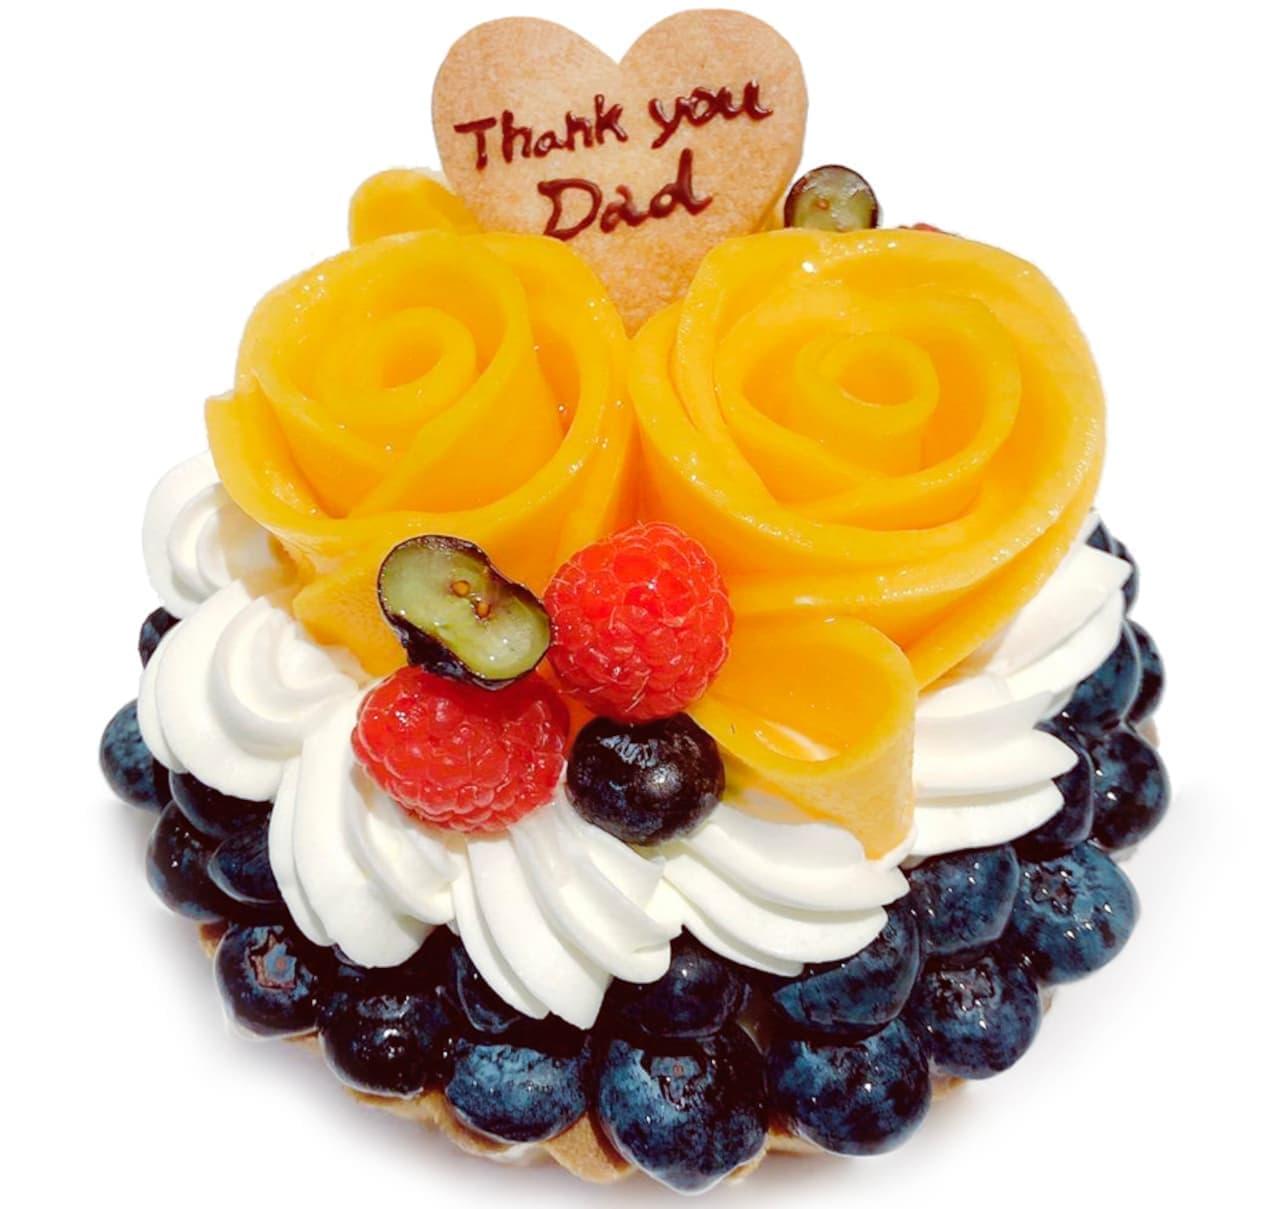 カフェコムサ「マンゴーローズとメロンのケーキ」「父の日 手作りケーキキット」